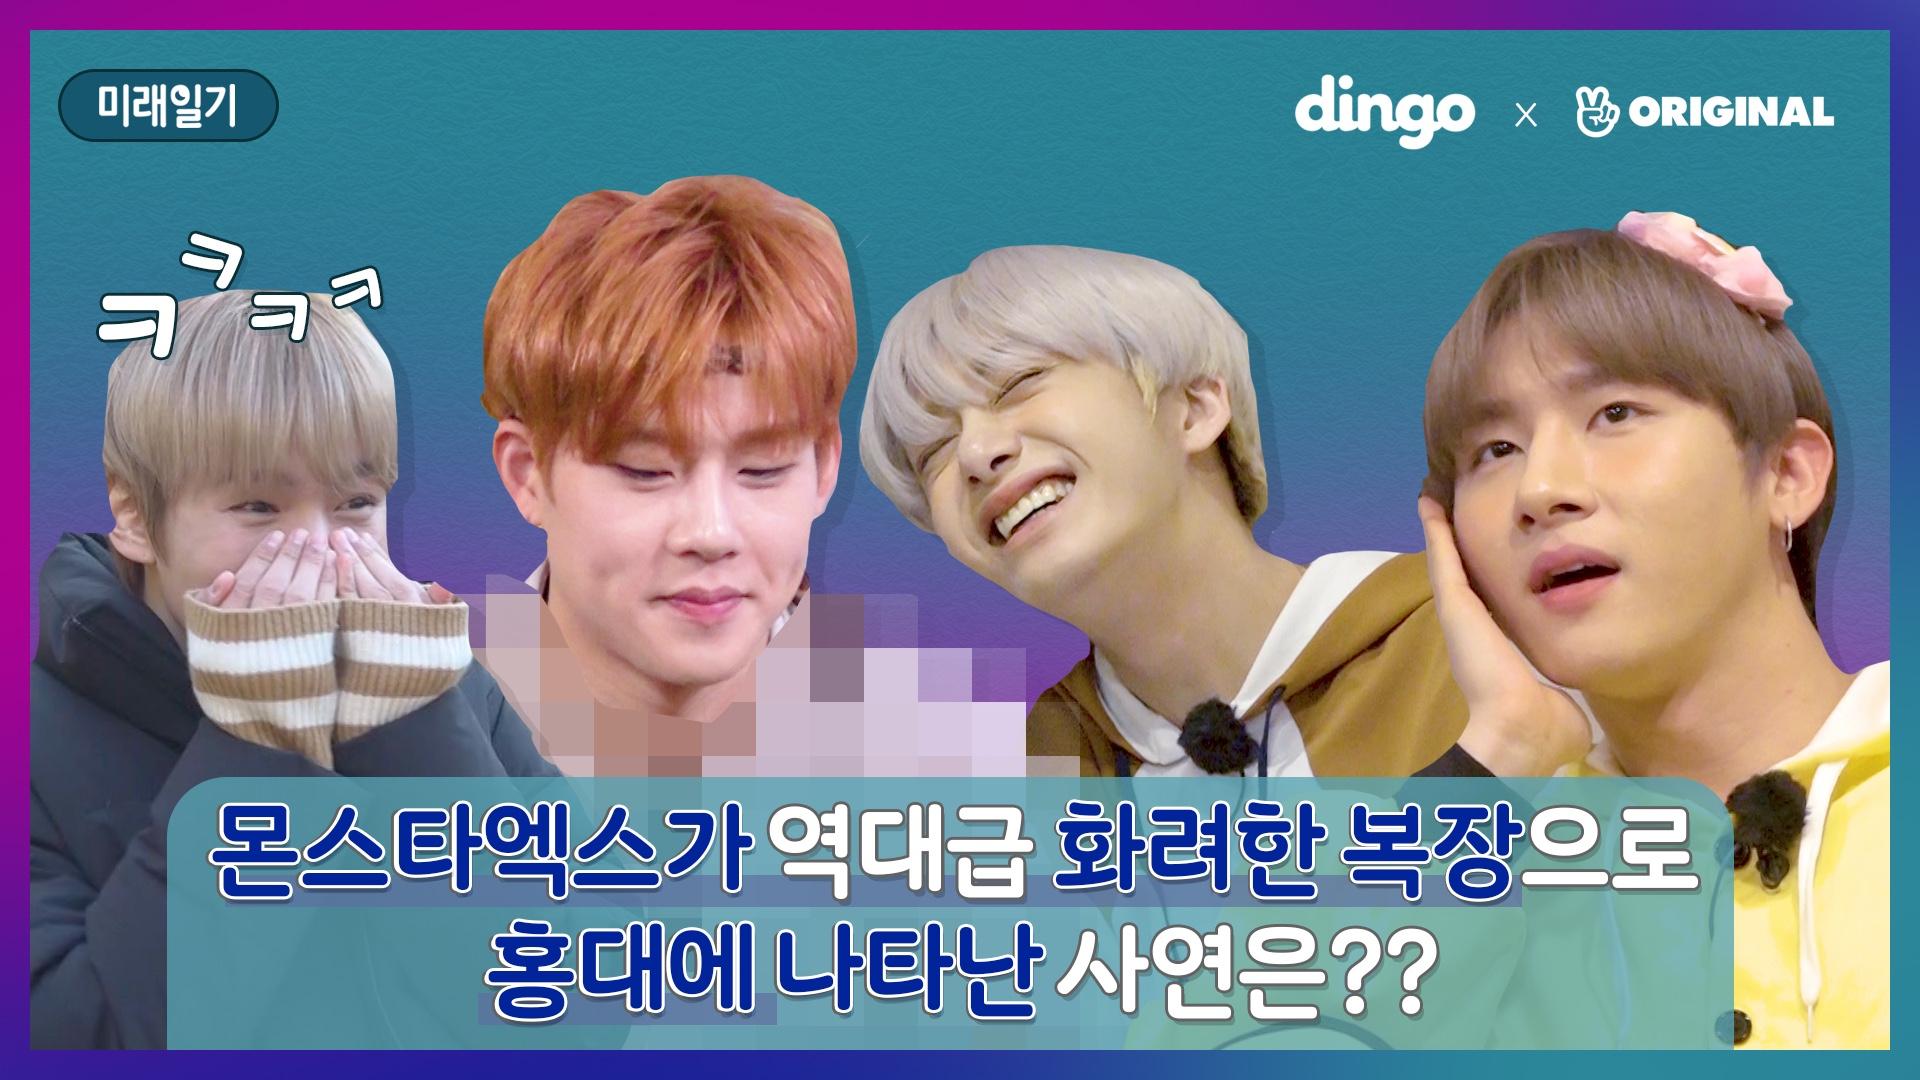 몬스타엑스가 역대급 화려한 복장으로 홍대에 나타난 이유는?? [미래일기_ep 15 teaser]